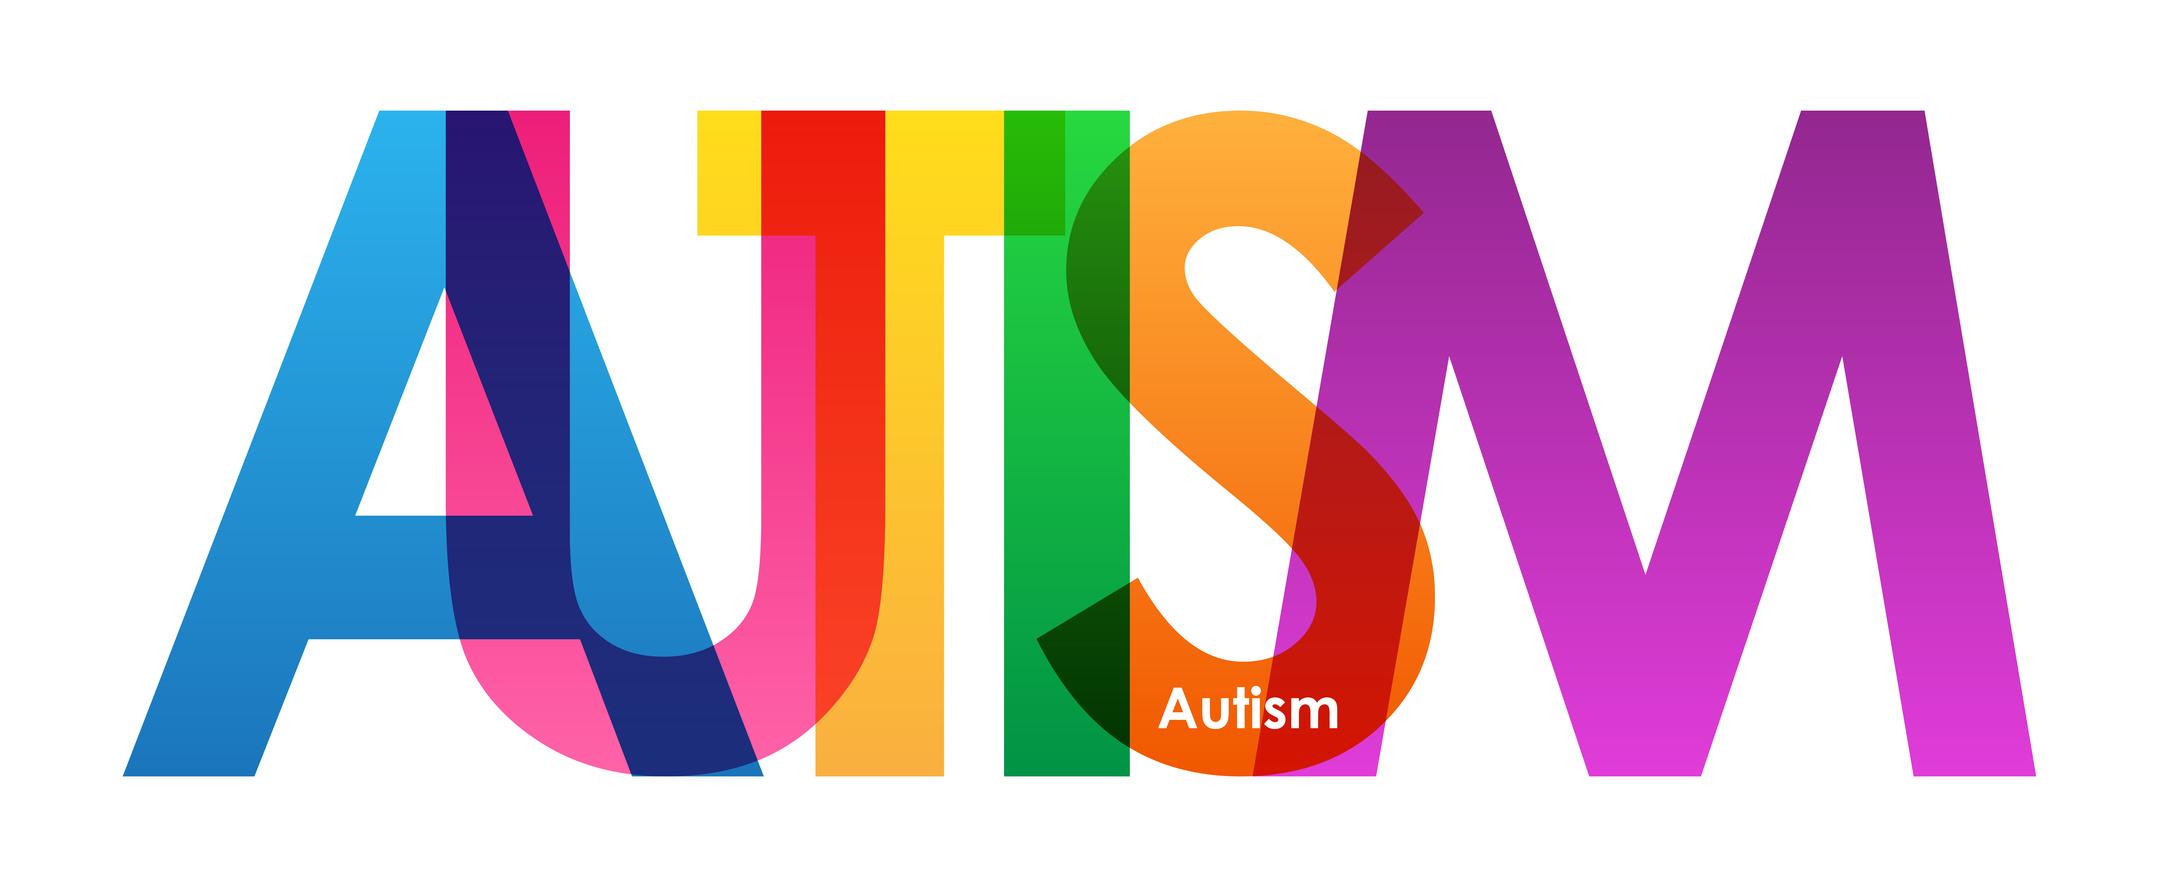 Autism & Emotional visual mismatch negativity